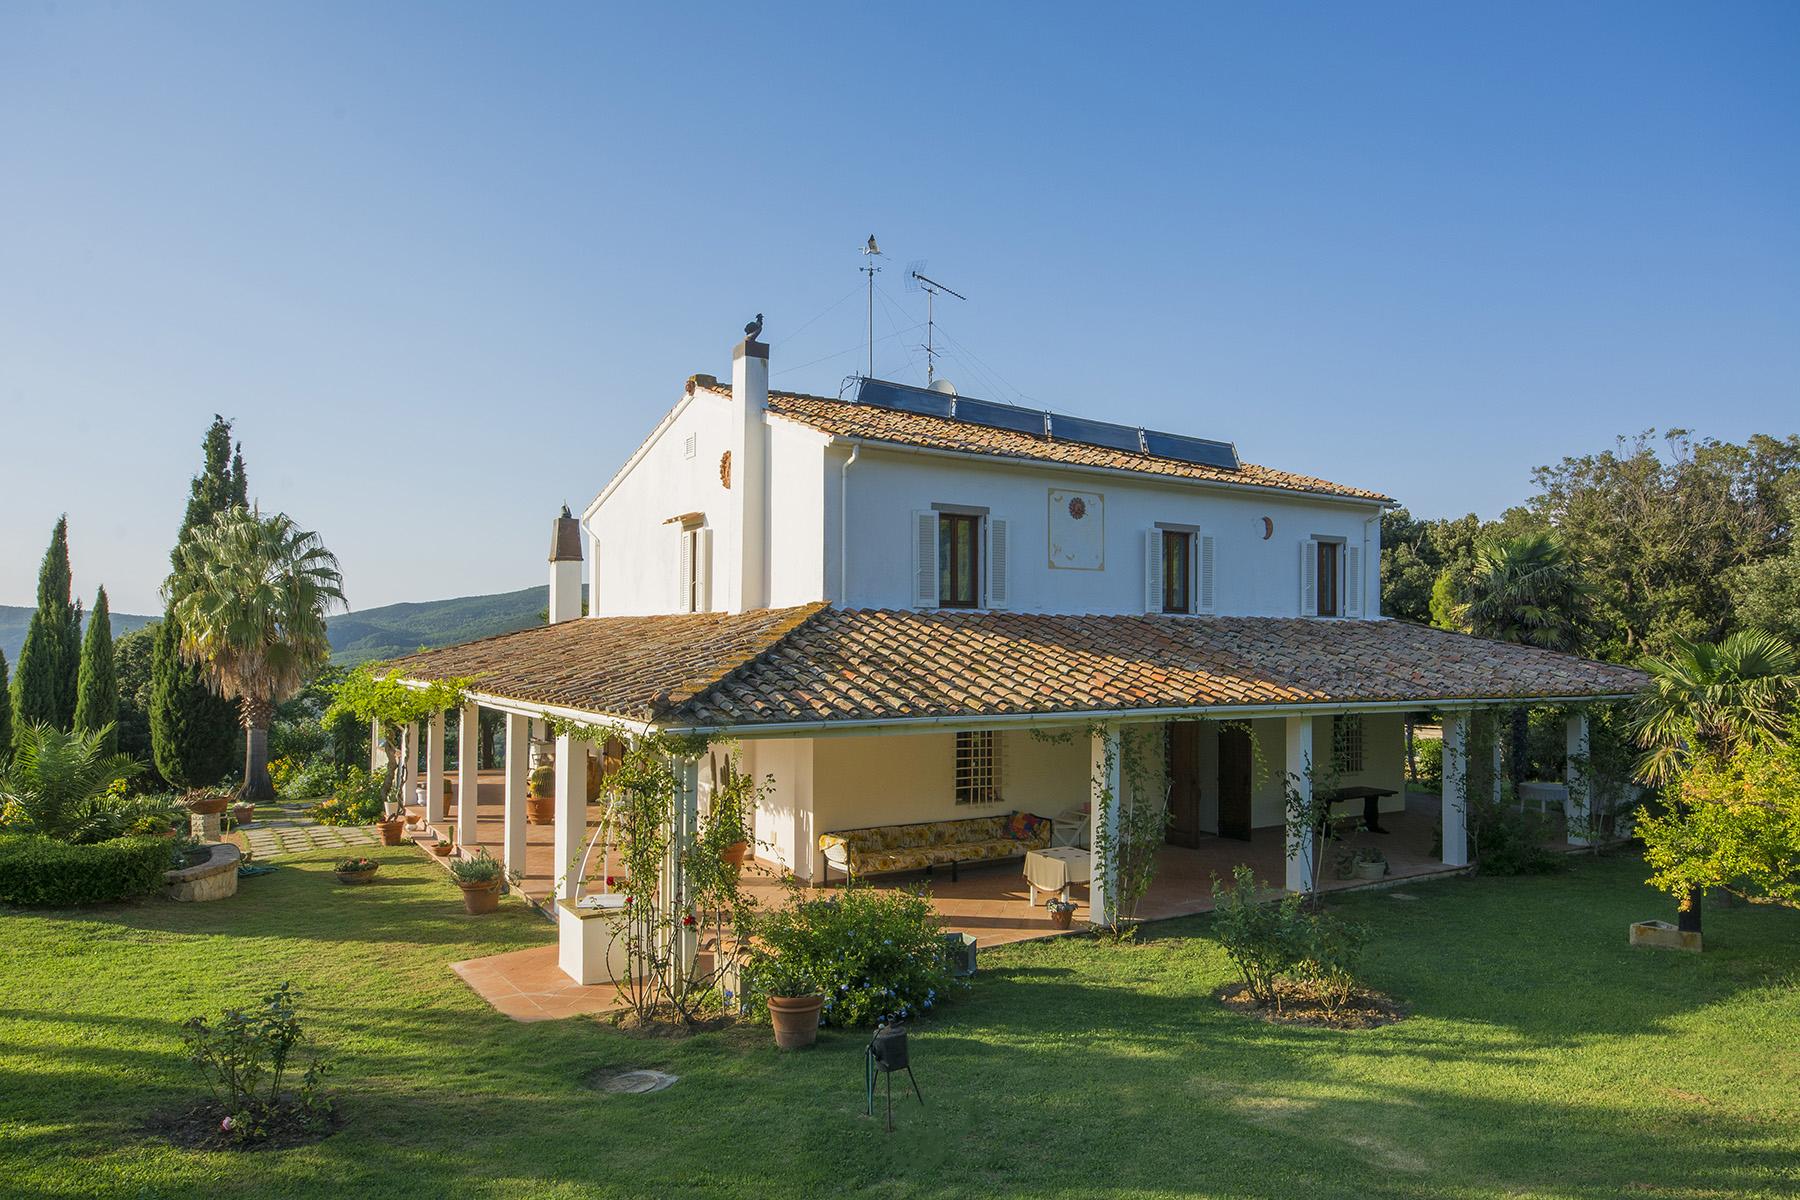 Villa in Vendita a Rosignano Marittimo: 5 locali, 450 mq - Foto 3